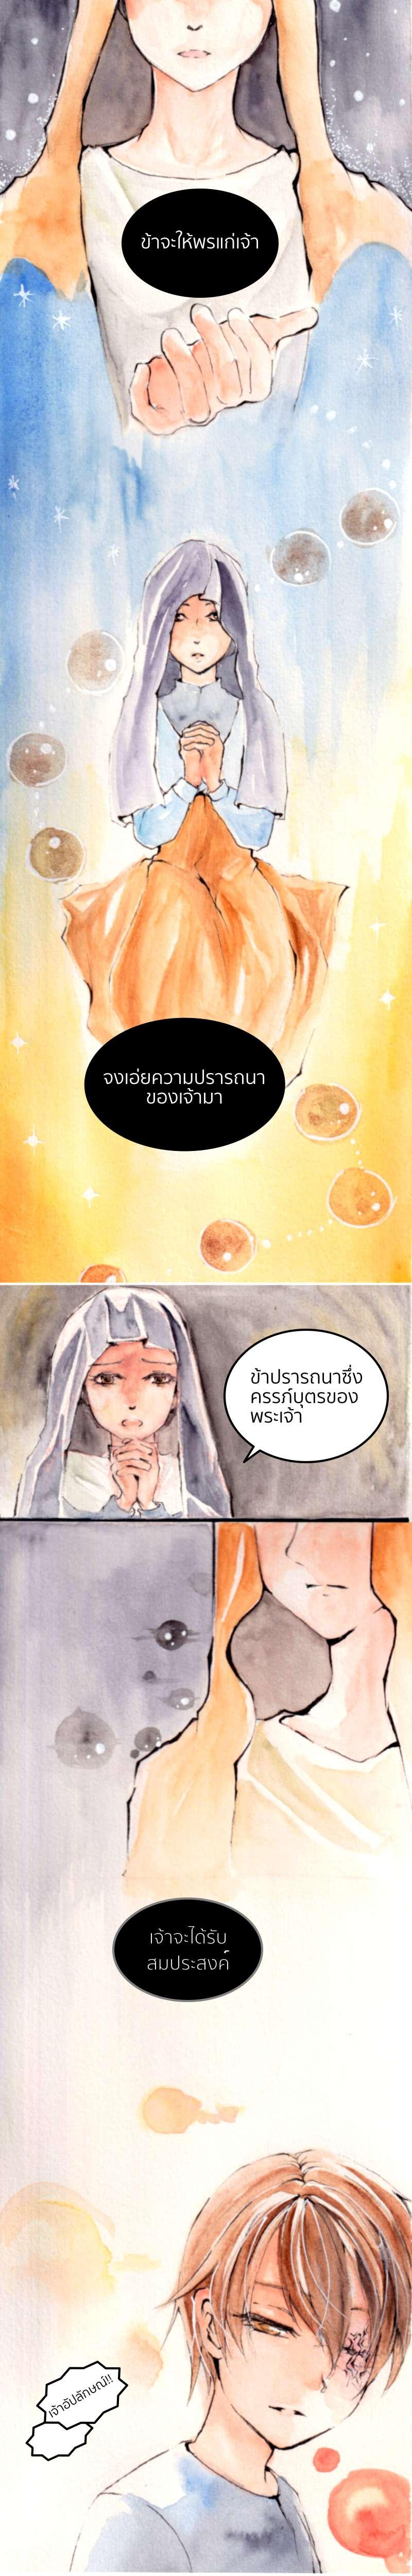 บทที่ 1 - บุตรของพระเจ้า